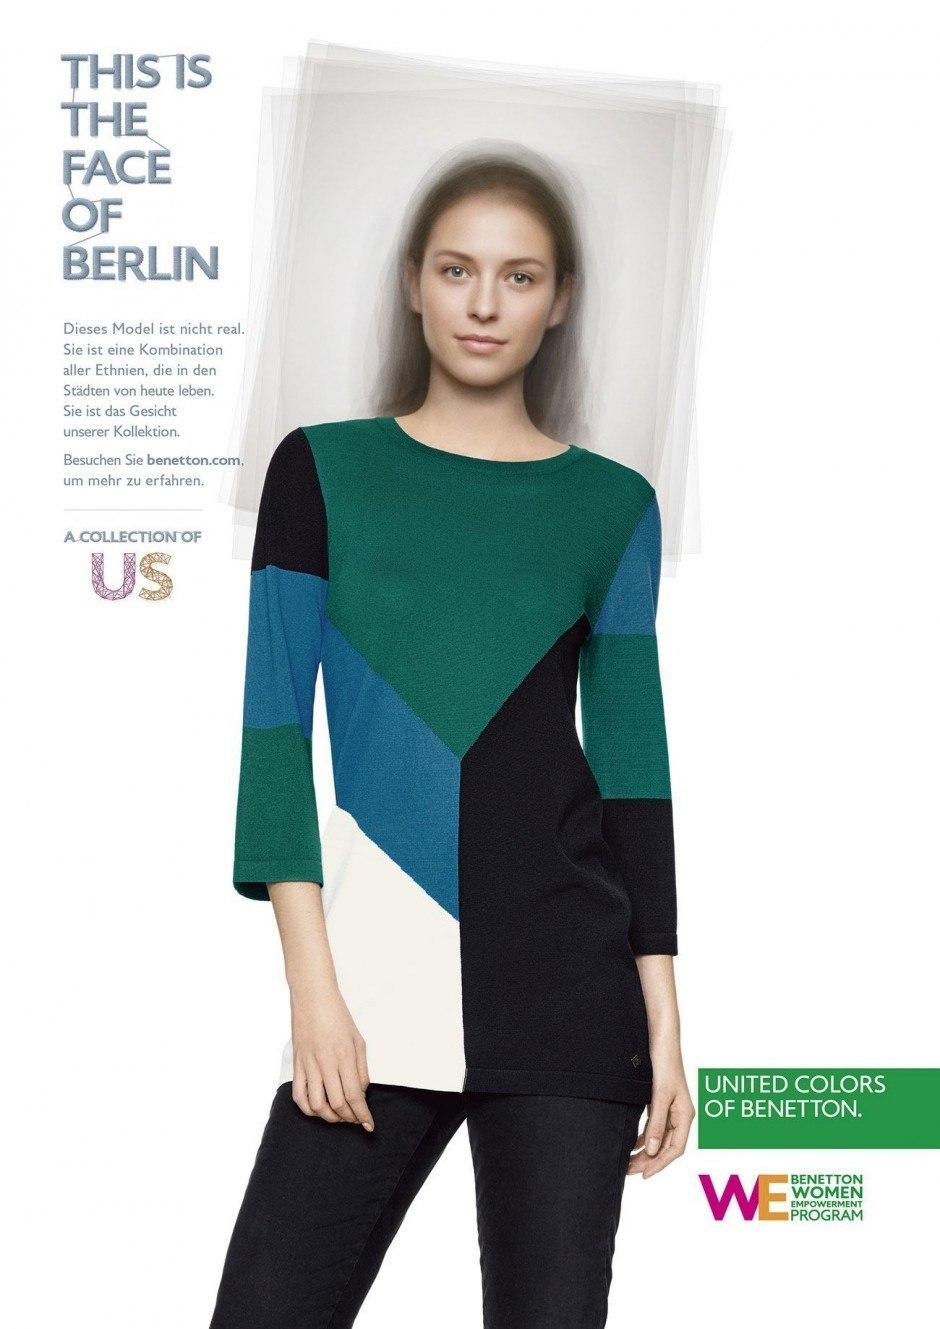 Die Benetton-Kampagne »Face of the City« zeigt die Modehauptstädte der Welt als Melting Pot